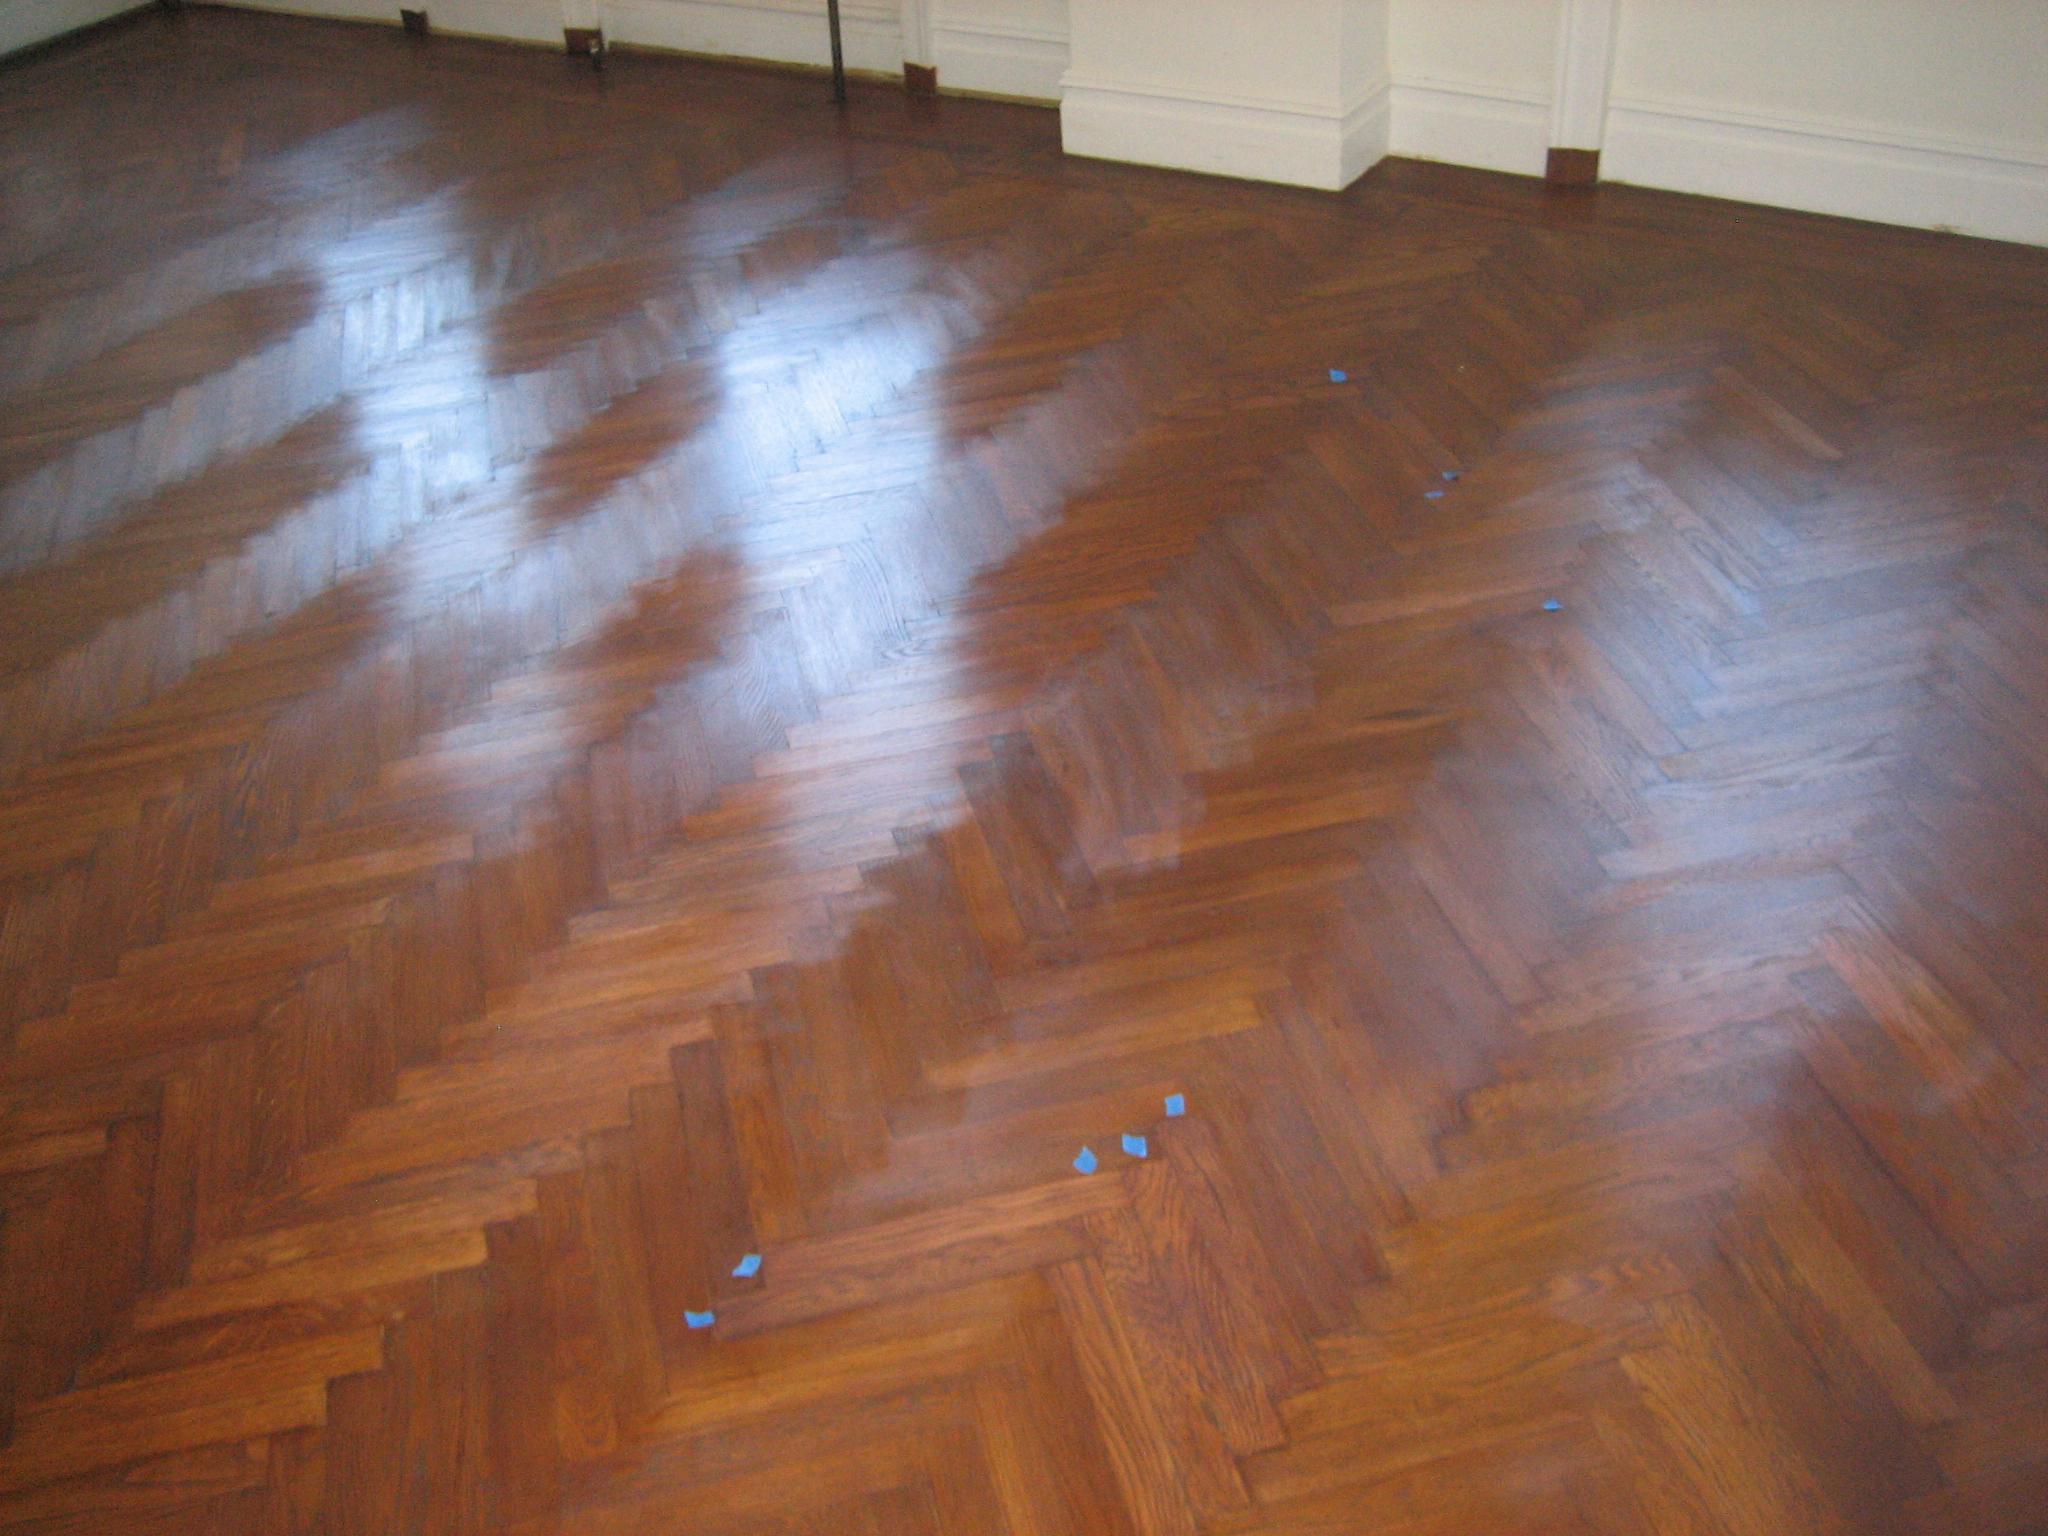 Wood Flooring Refinishing And Repair Restore Or Replicate